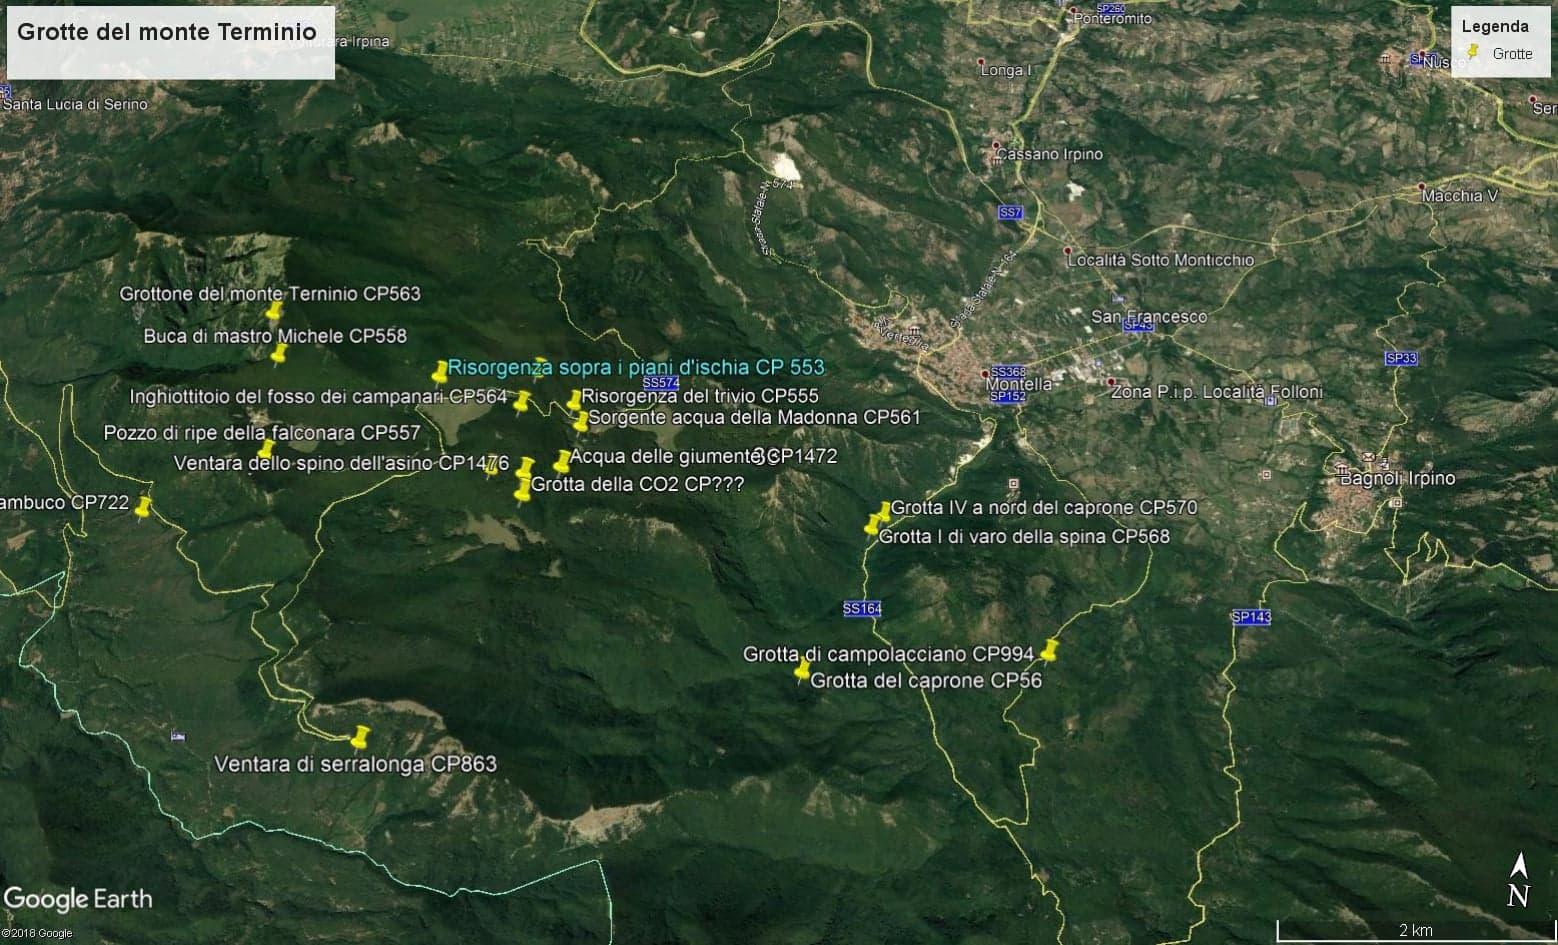 Speleo sub campagna esplorativa nel settore nordoccidentale dei Monti Picentini